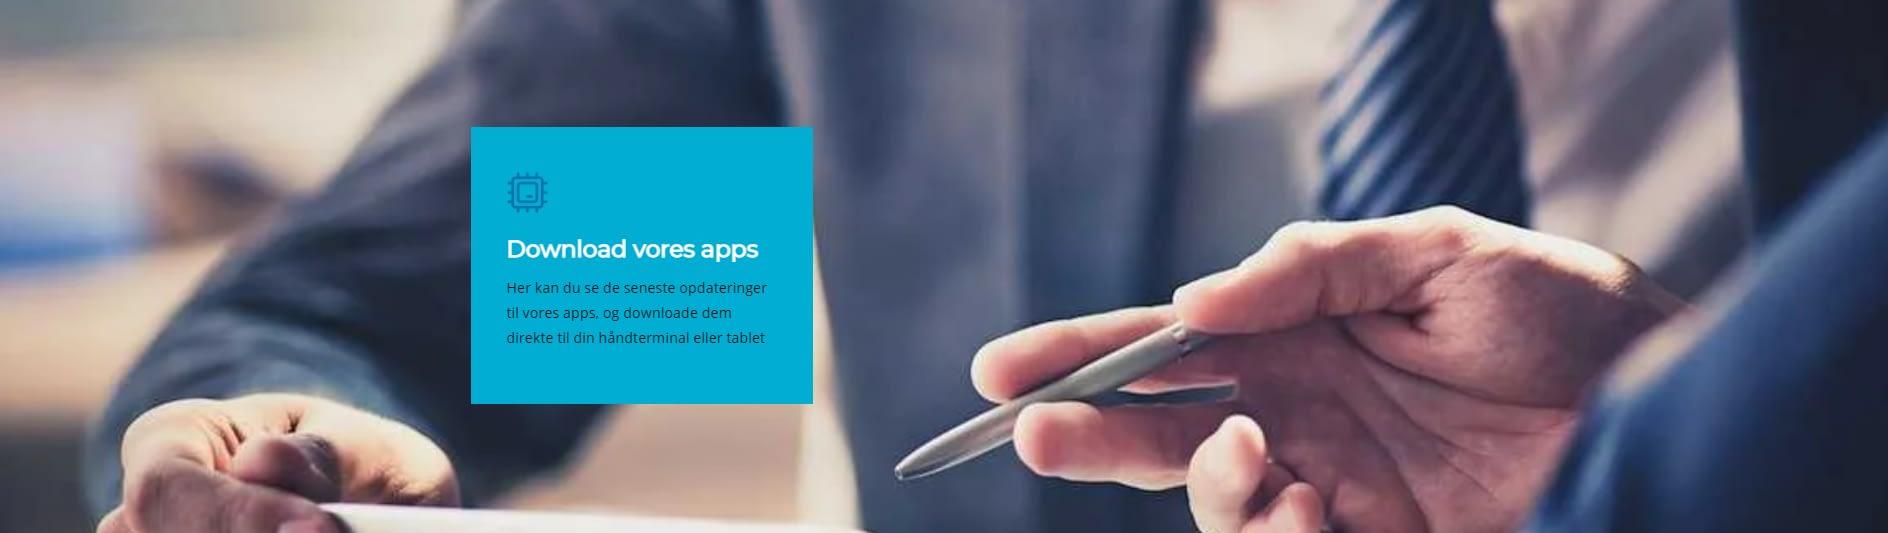 Download apps header